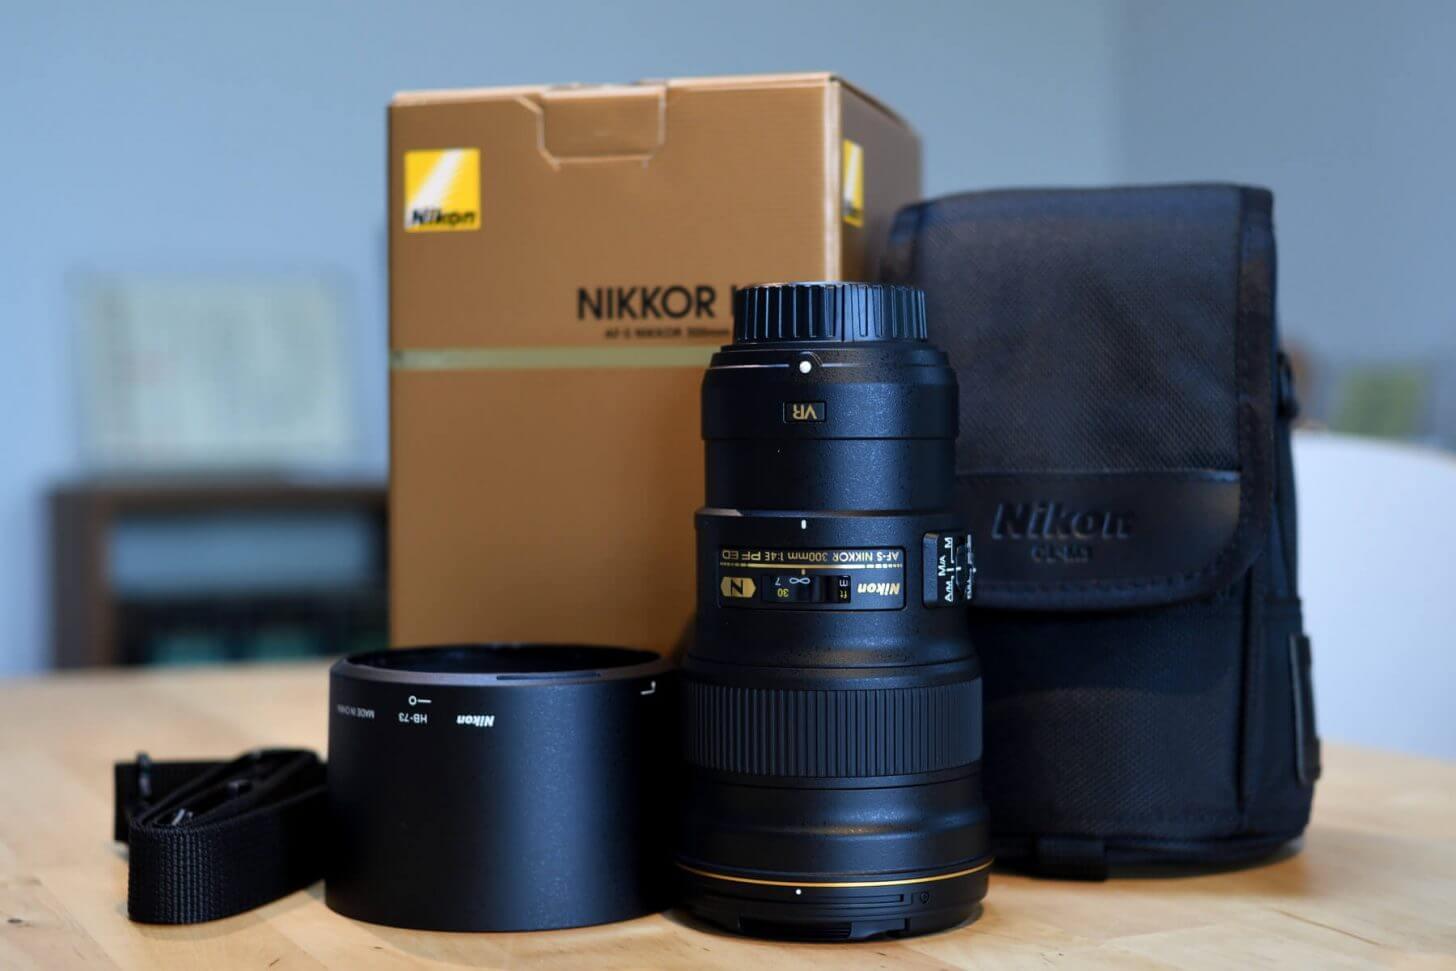 AF-S NIKKOR 300mm f/4E PF ED VRワンセット